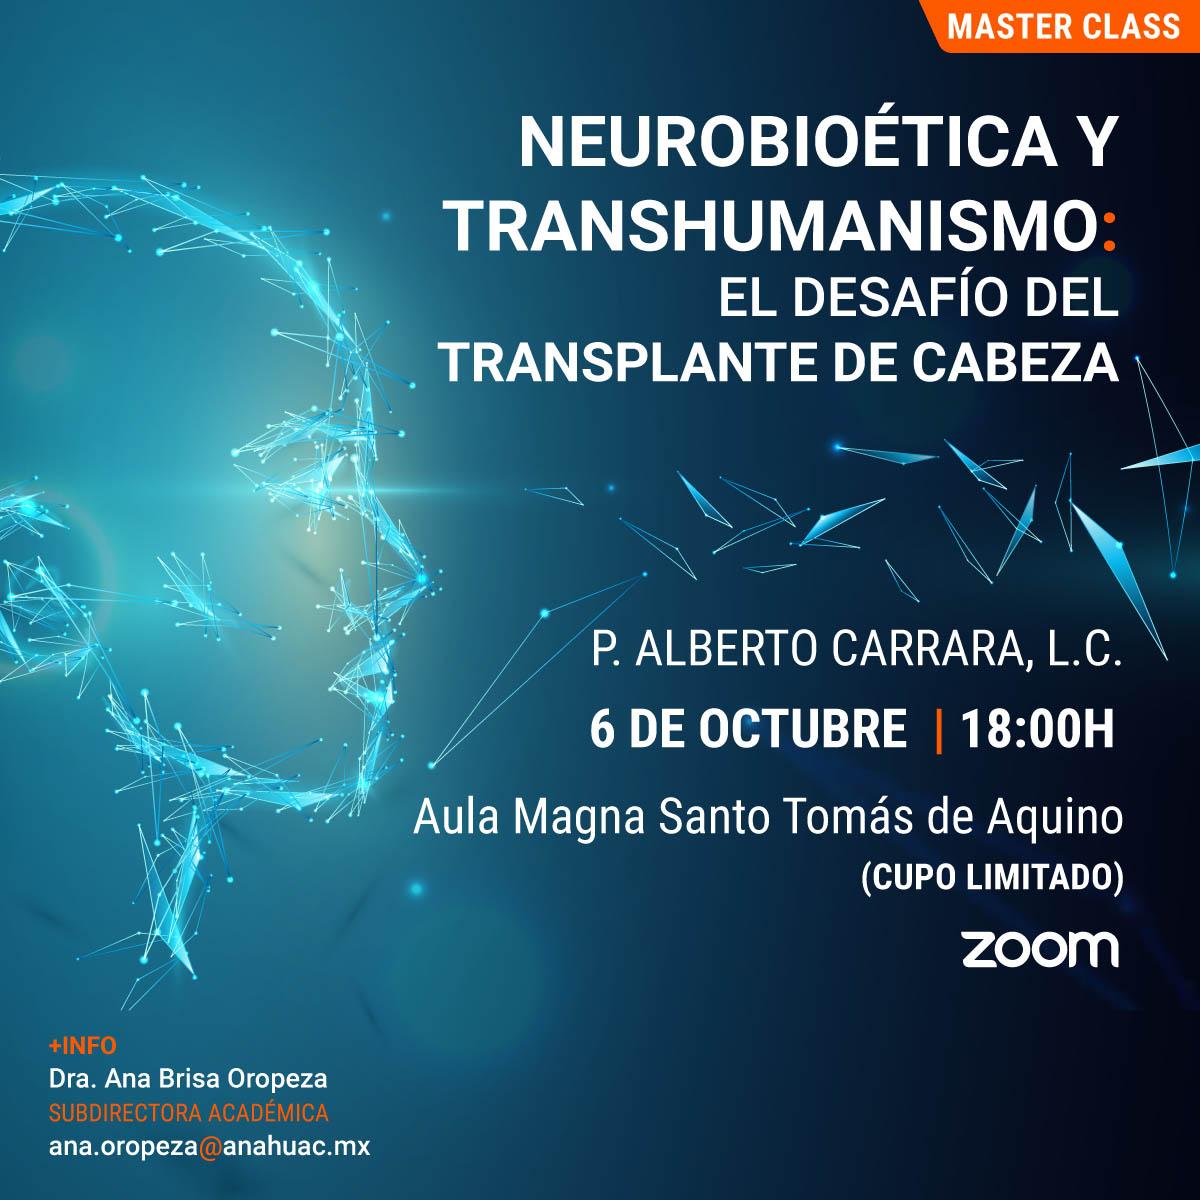 Neurobioética y Transhumanismo: El Desafío del Transplante de Cabeza